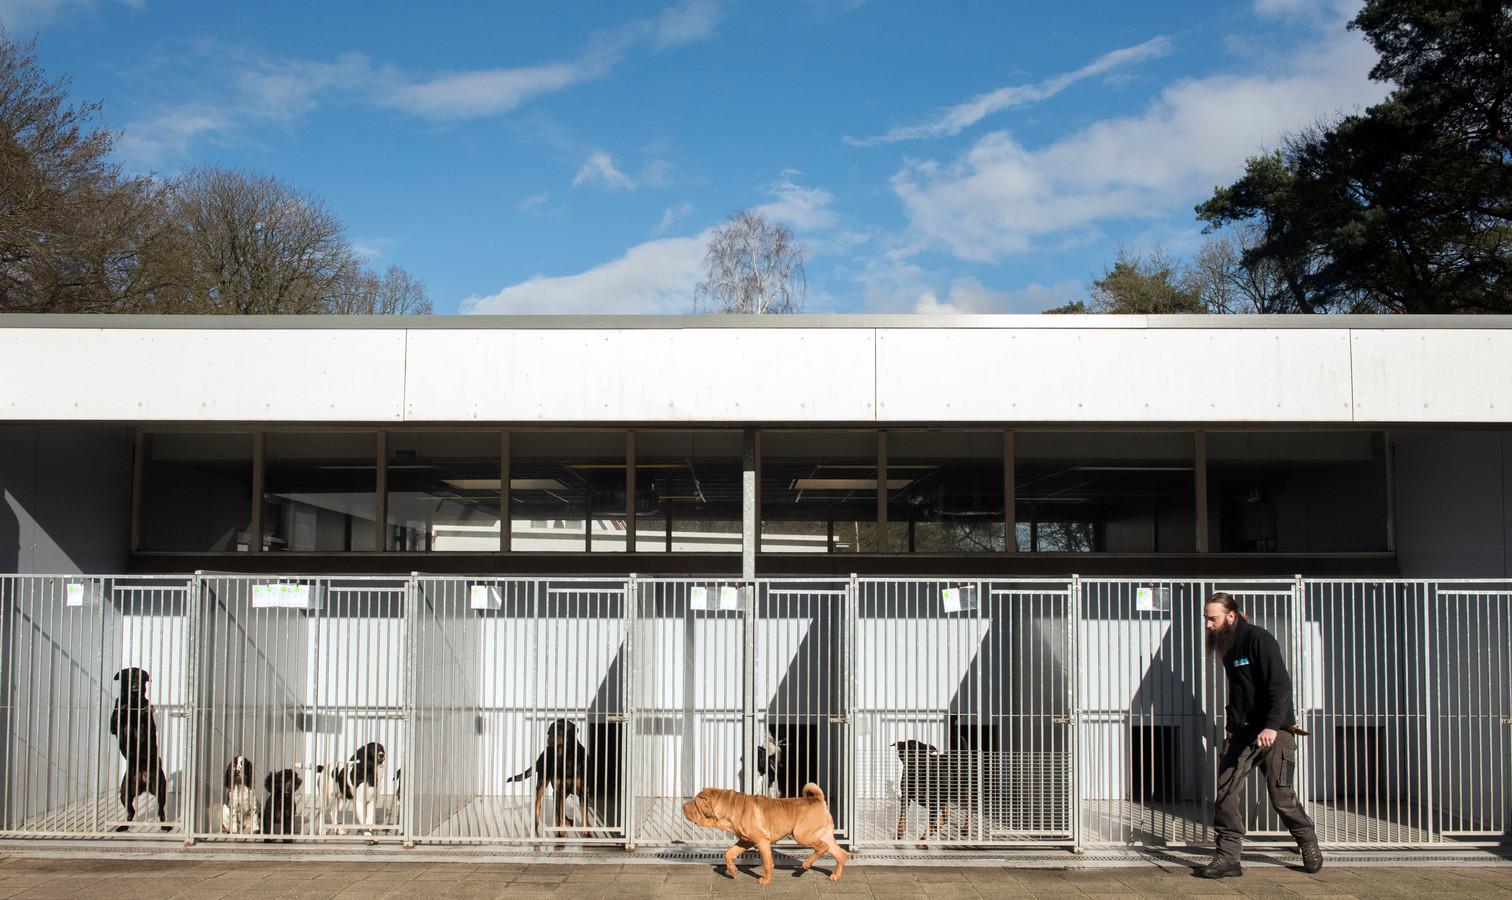 Als het aan burgemeester en wethouders, ligt blijft asiel De Ark in volle omvang op de huidige plek langs de N302 tussen Harderwijk en Leuvenum.